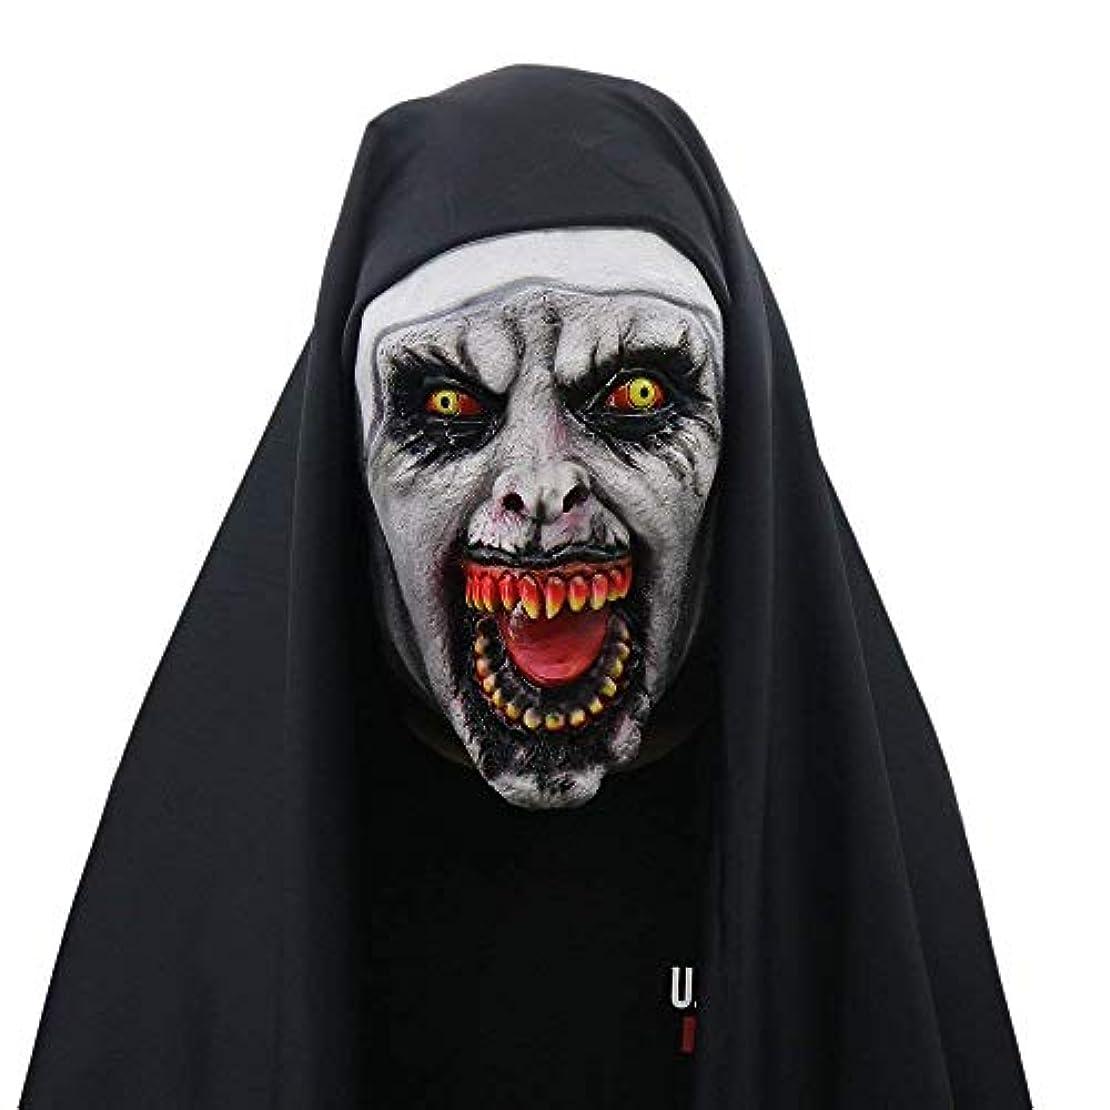 カナダ溶融写真を描くハロウィン修道女マスク、ホラー怖い女性ゴースト整頓パーティー用品ゾンビマスク27 * 28 cm (Color : B)